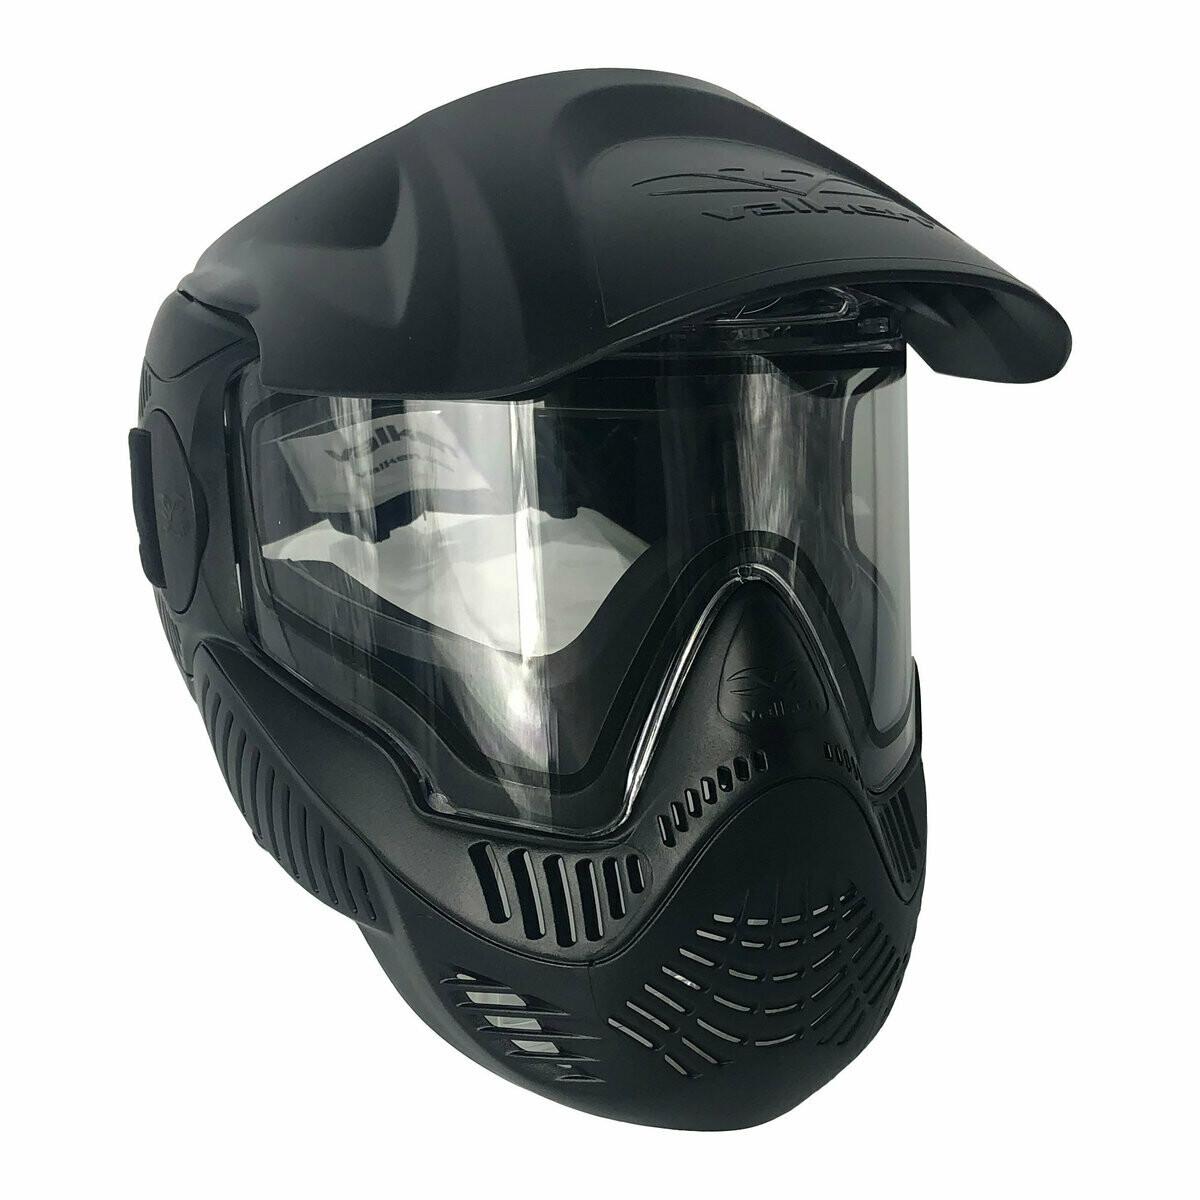 Valken MI-3 Thermal Field Rental Goggles